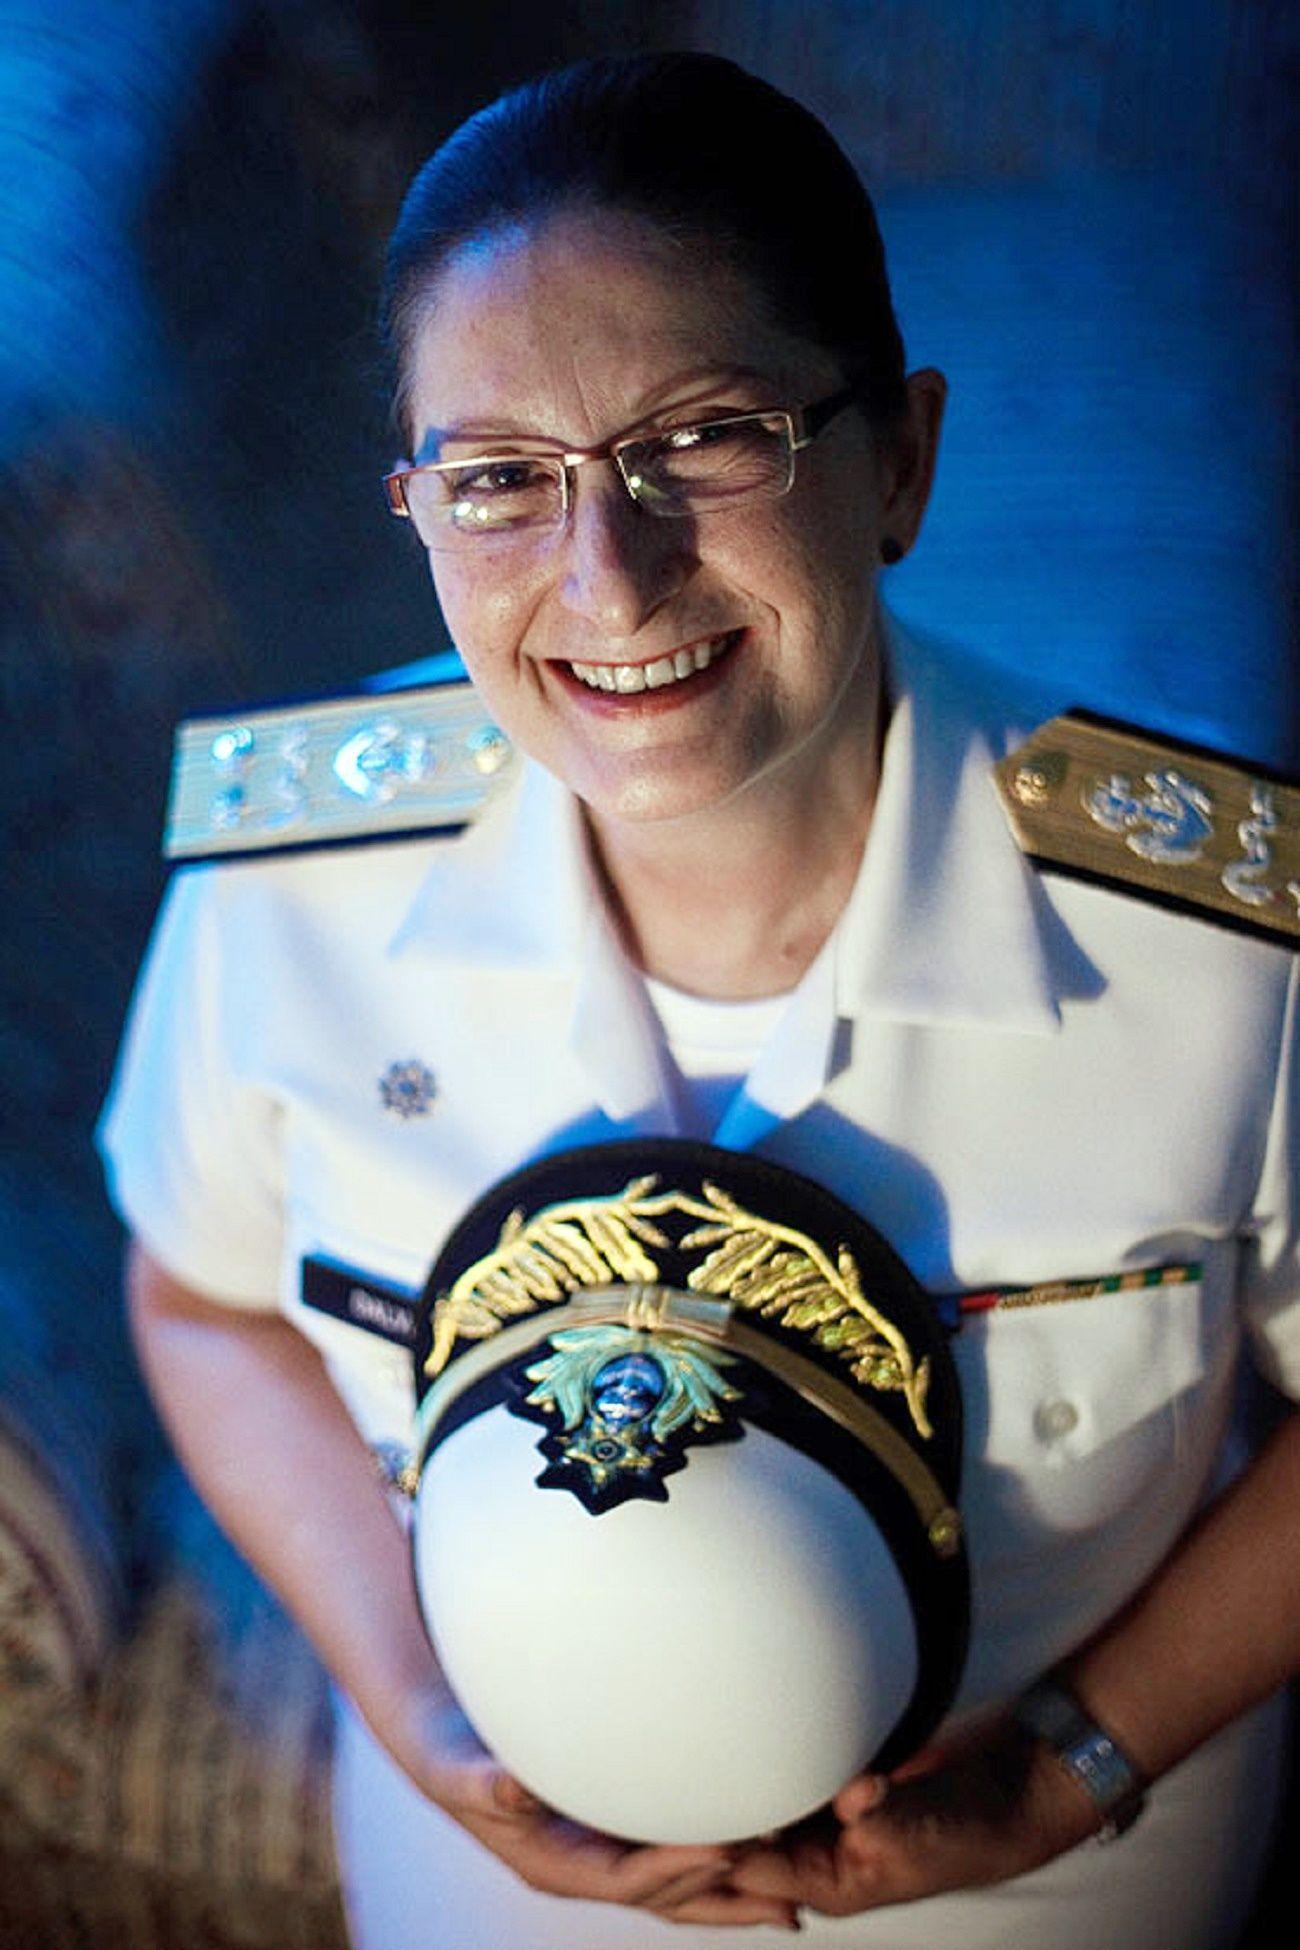 Contra-almirante médica Dalva Maria Carvalho Mendes, 1ª Oficial General da Marinha do Brasil.